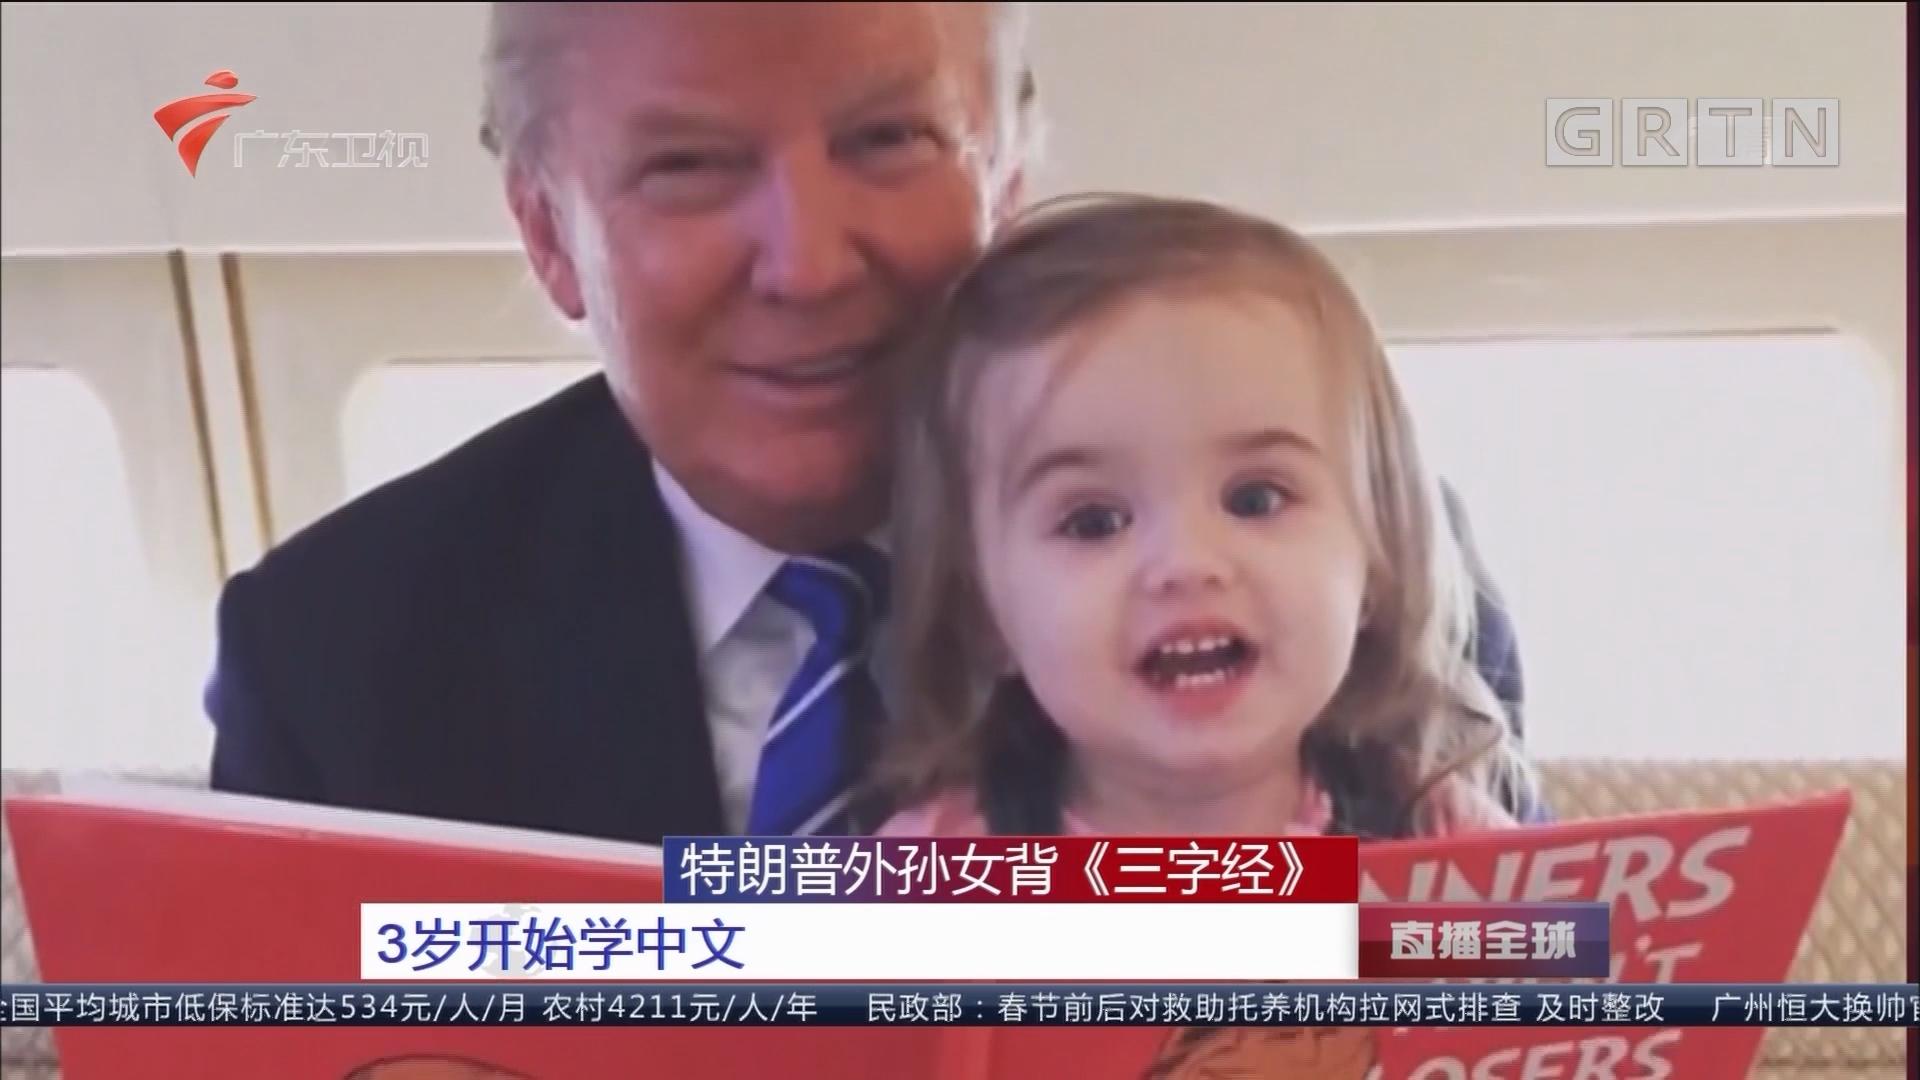 特朗普外孙女背《三字经》 5岁唱中文歌